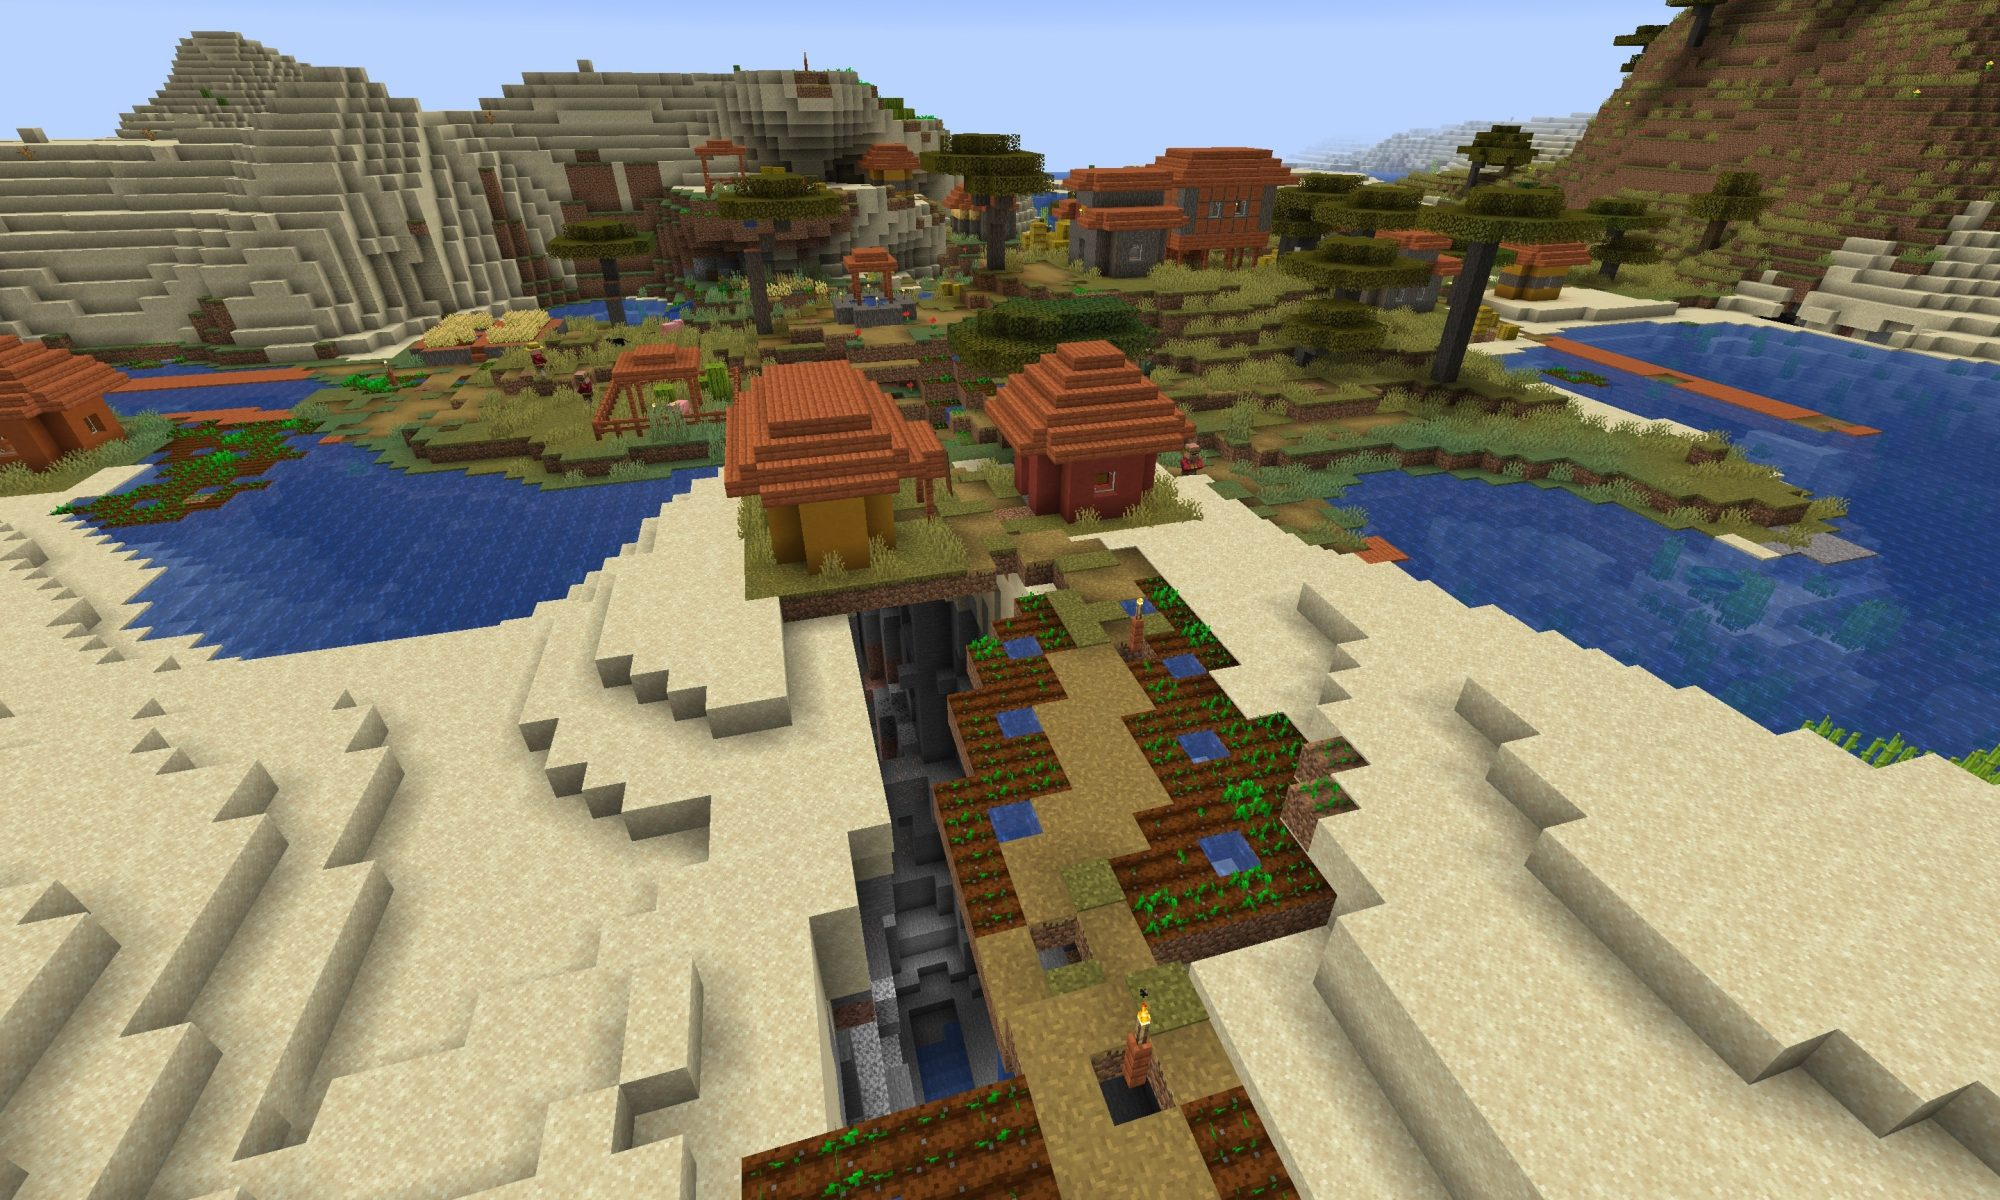 Abandoned Mineshaft Minecraft Seed - Ravine Farm